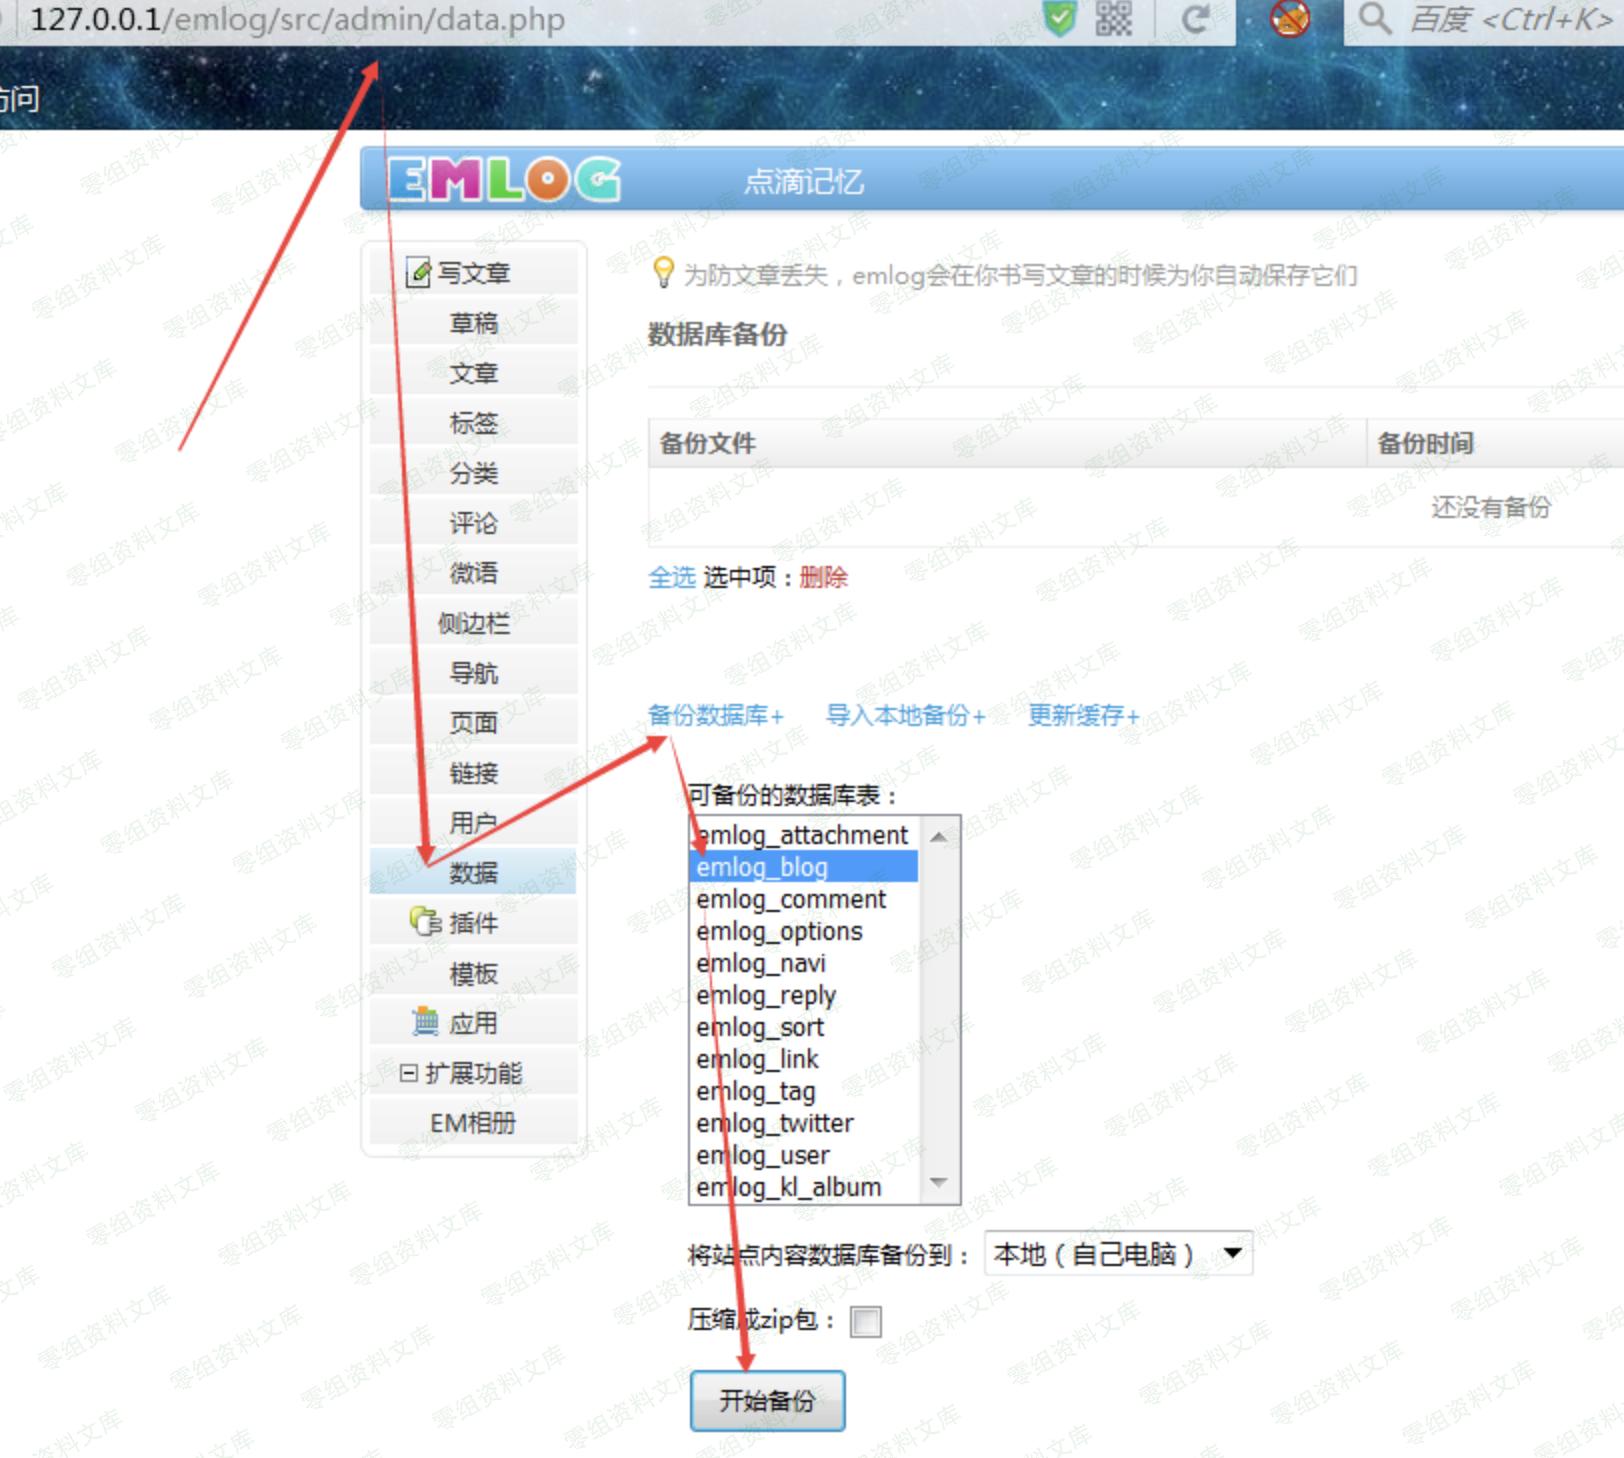 Emlog 6.0 数据库备份与导入功能导致后台getshell